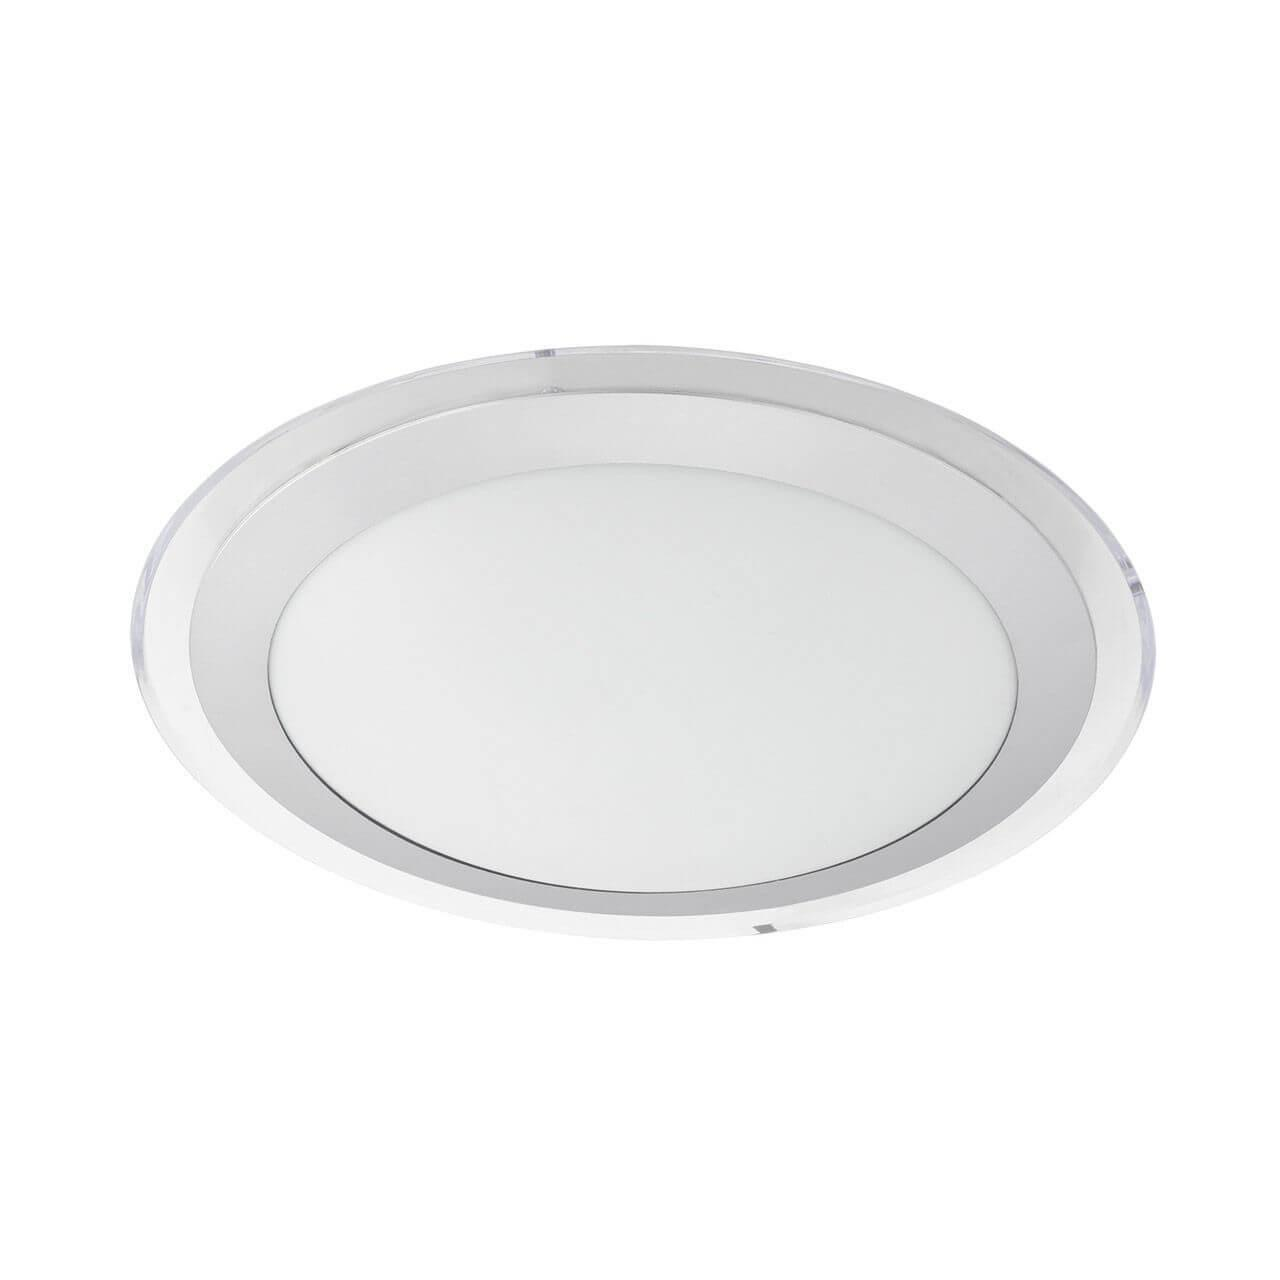 Накладной светильник Eglo 95677, LED, 22 Вт накладной светильник eglo calnova 94715